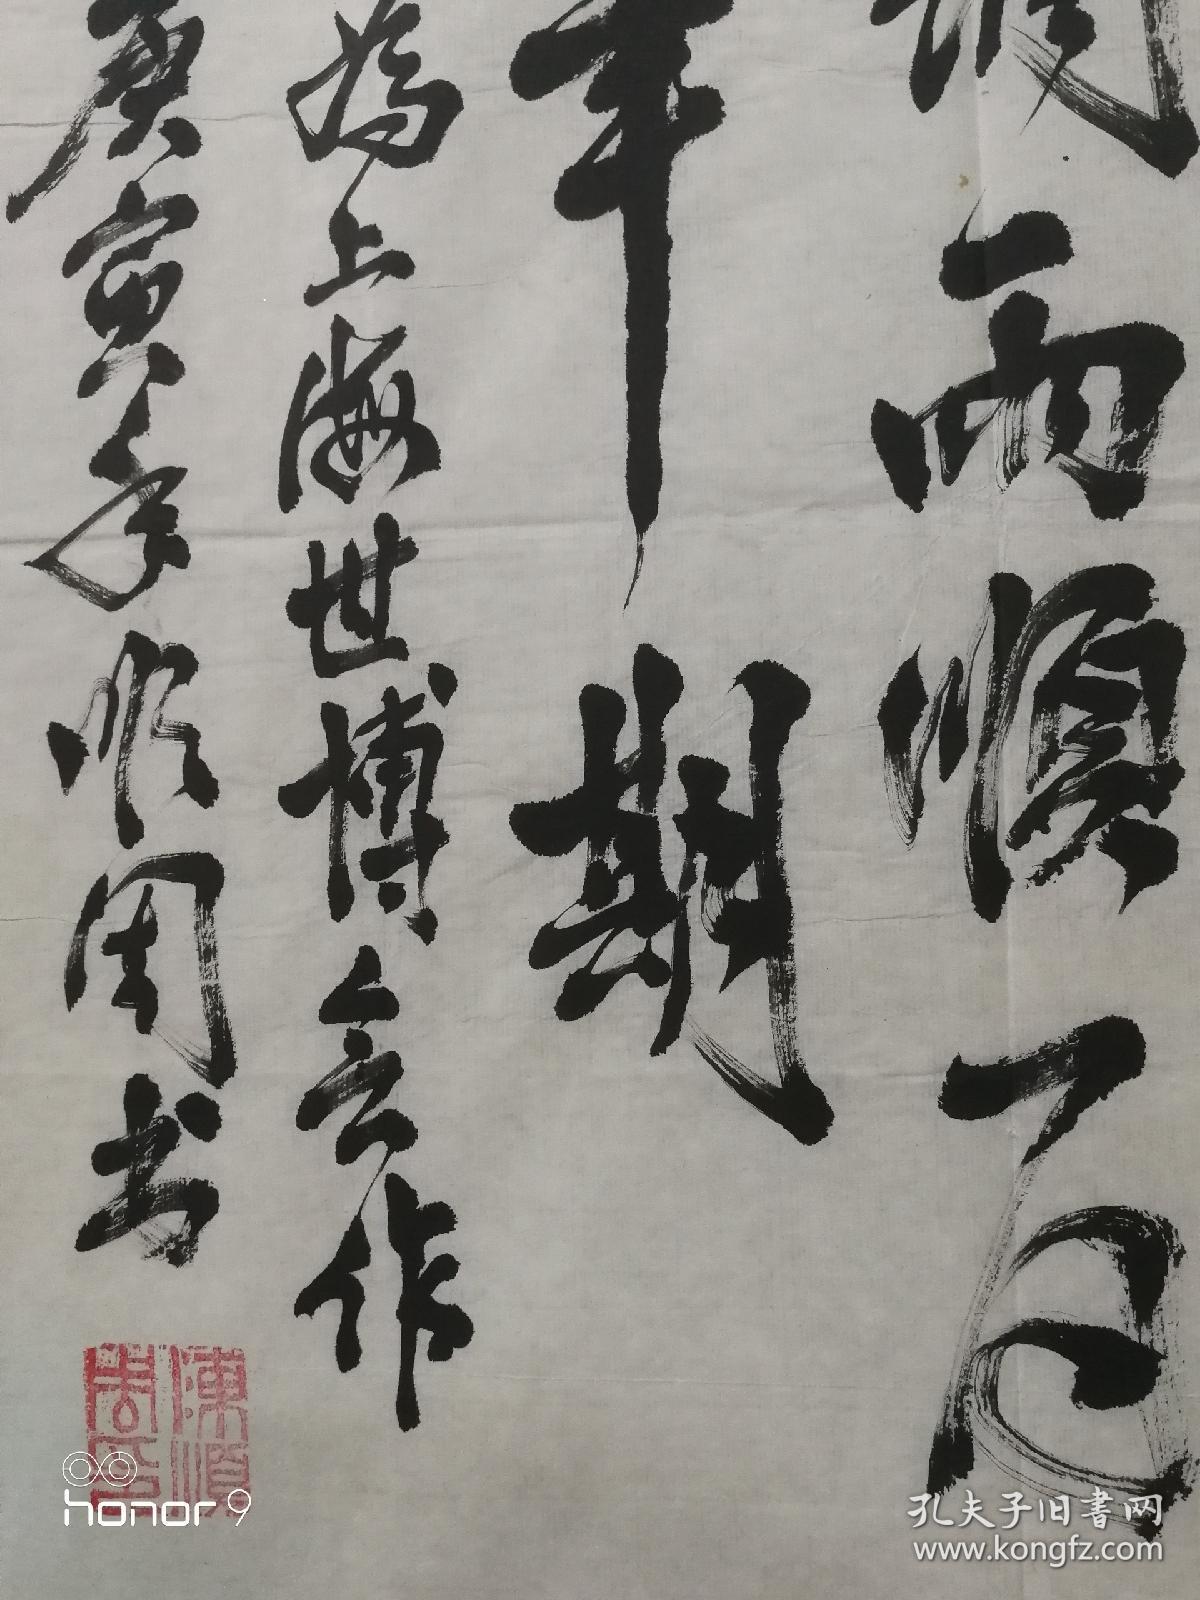 陈顺周:1957年福建省长泰人,福建省书法家协会会员.图片